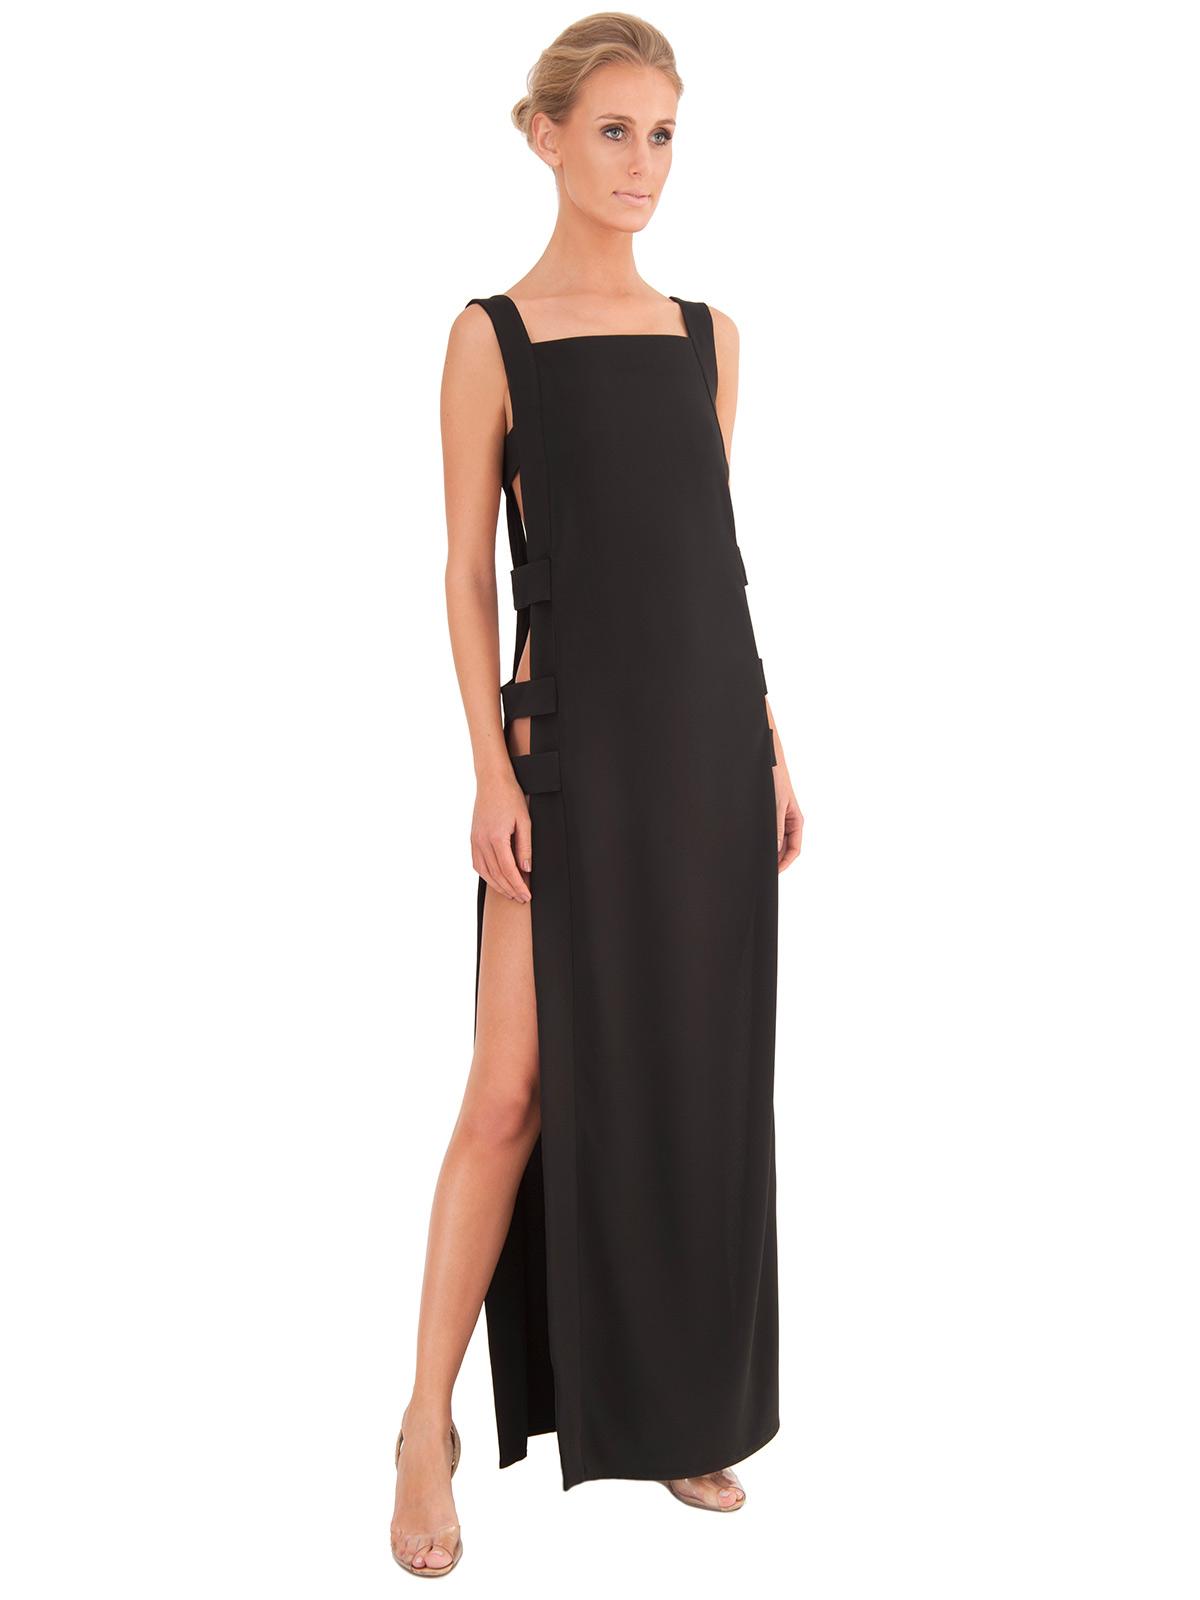 langes luxuri ses strandkleid farbe schwarz mit geschlitzten seiten less long. Black Bedroom Furniture Sets. Home Design Ideas